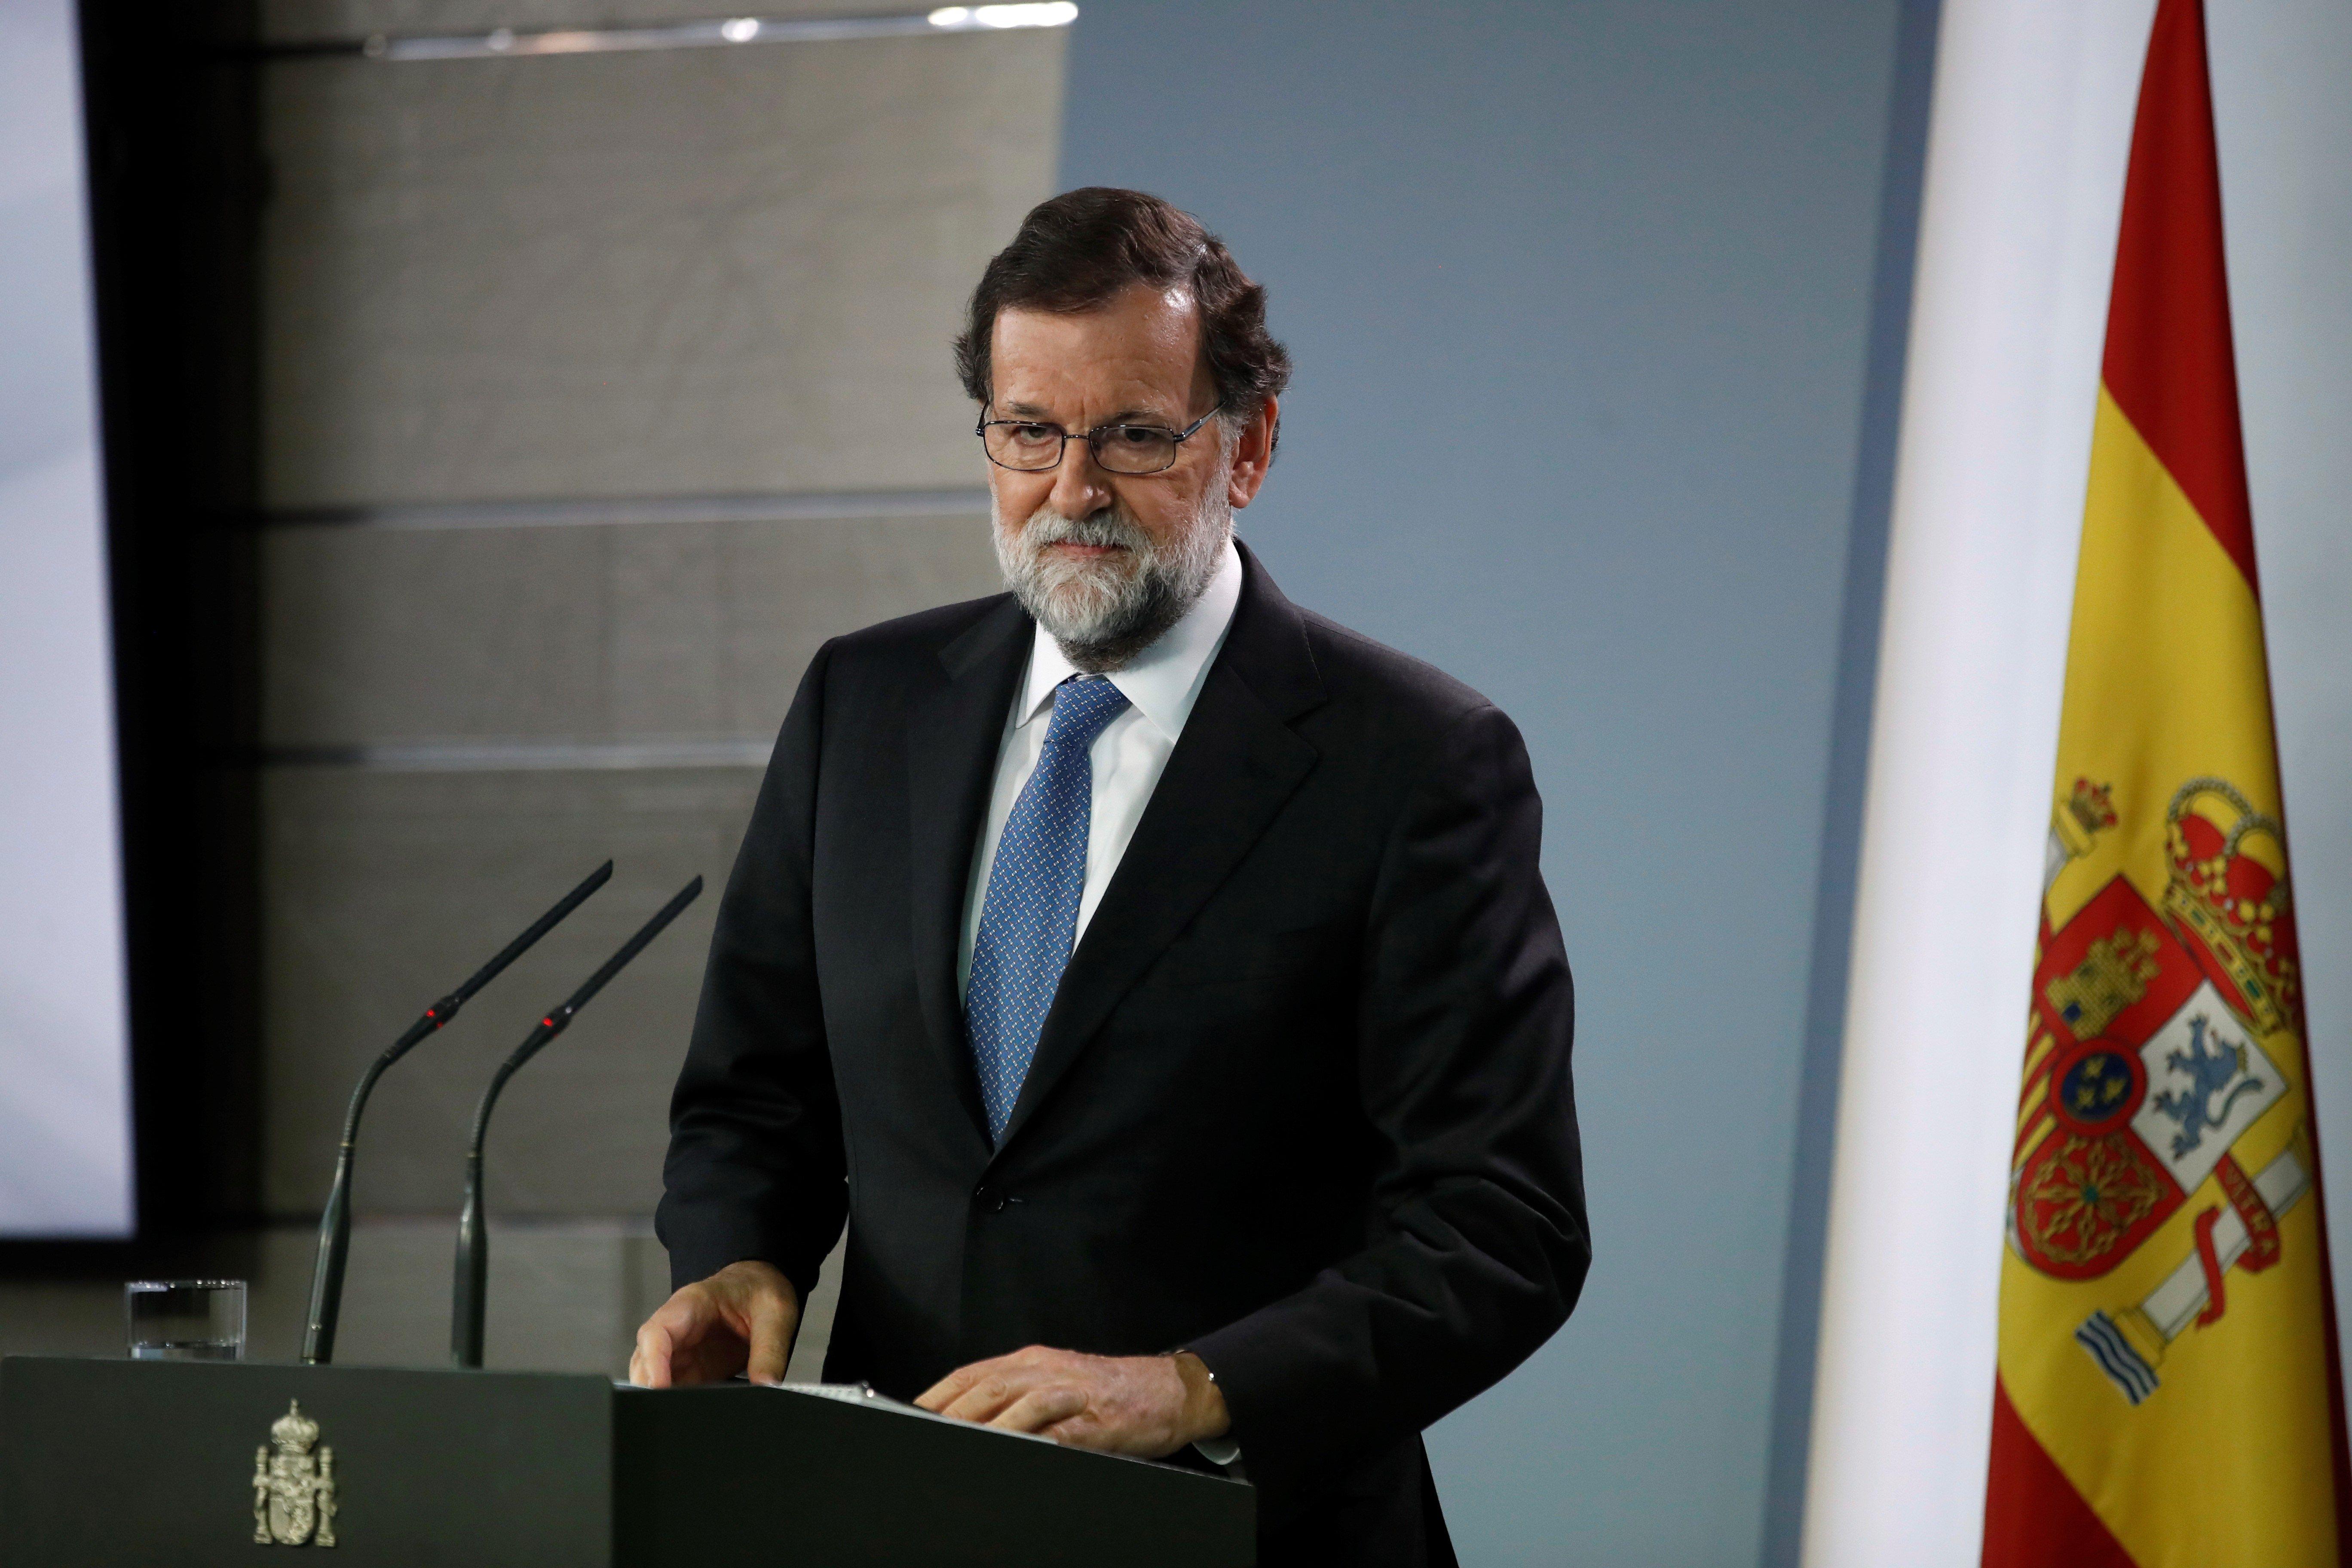 Roda de premsa del president del Goven central, Mariano Rajoy, en la qual ha anunciat la dissolució del Parlament català i la convocatòria d'eleccions autonòmiques el 21 de desembre. /EFE